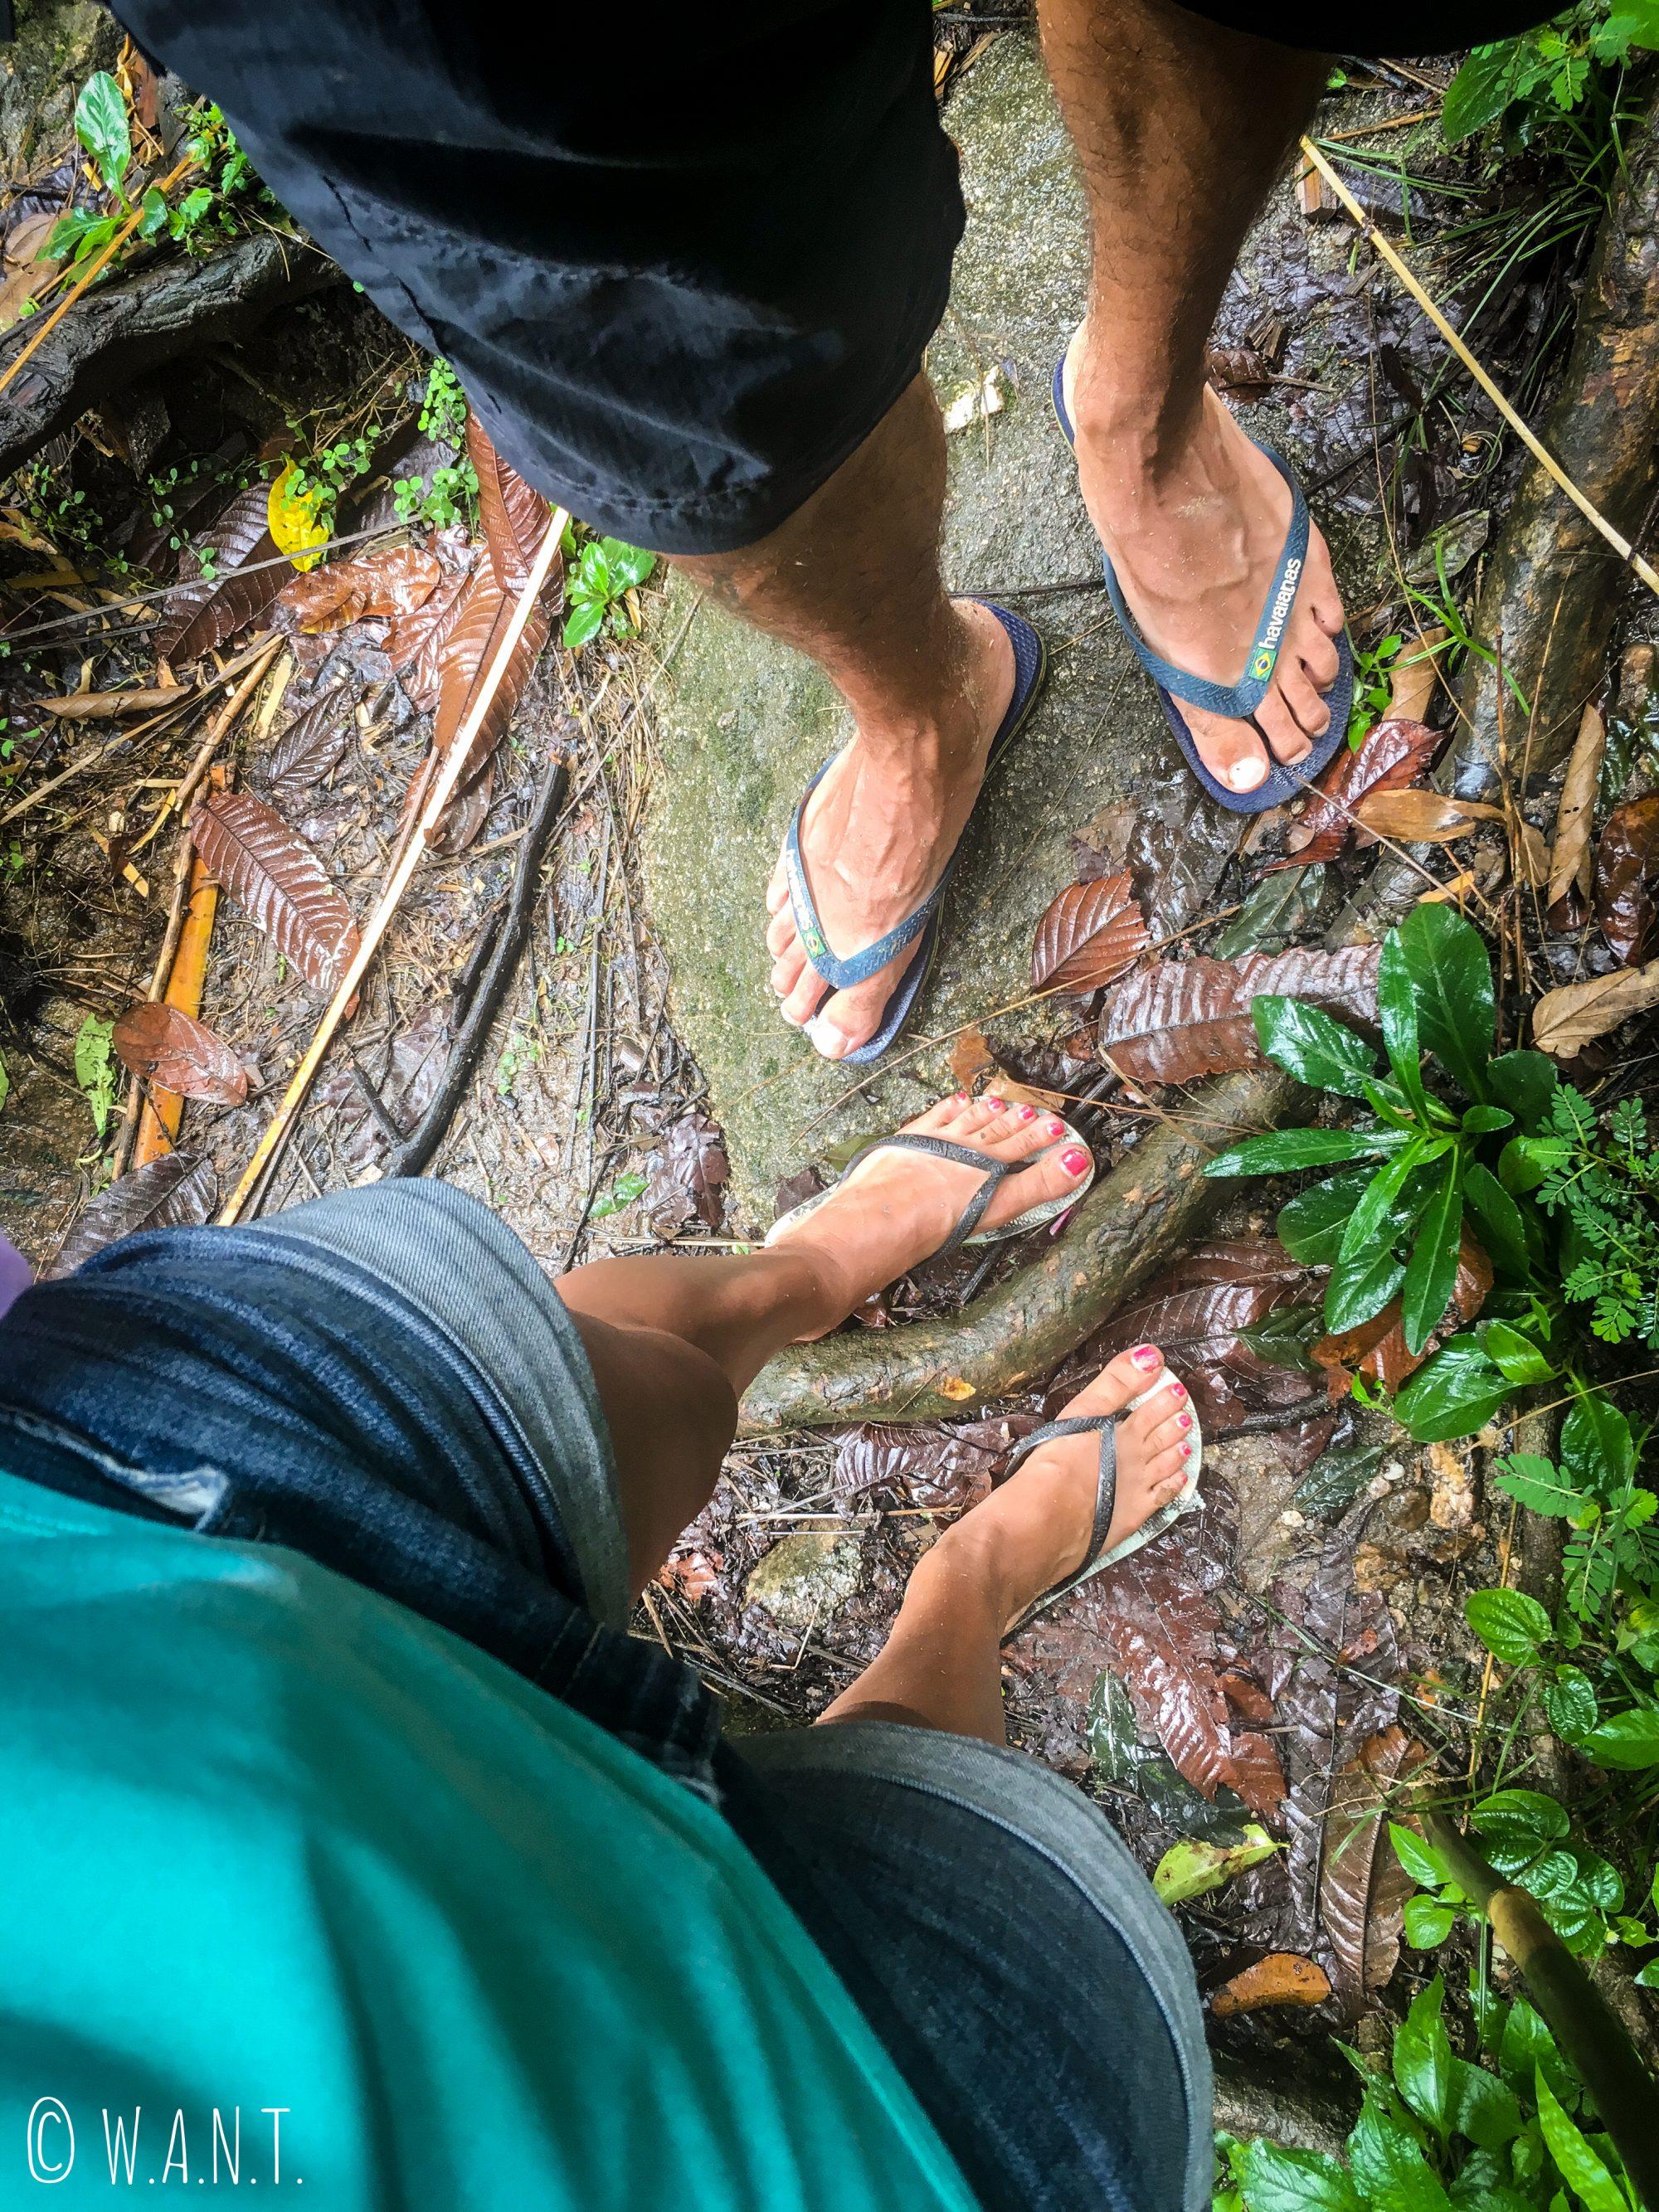 Autre défi réalisé, marcher une demi-journée de trek en tongs à Chiang Rai